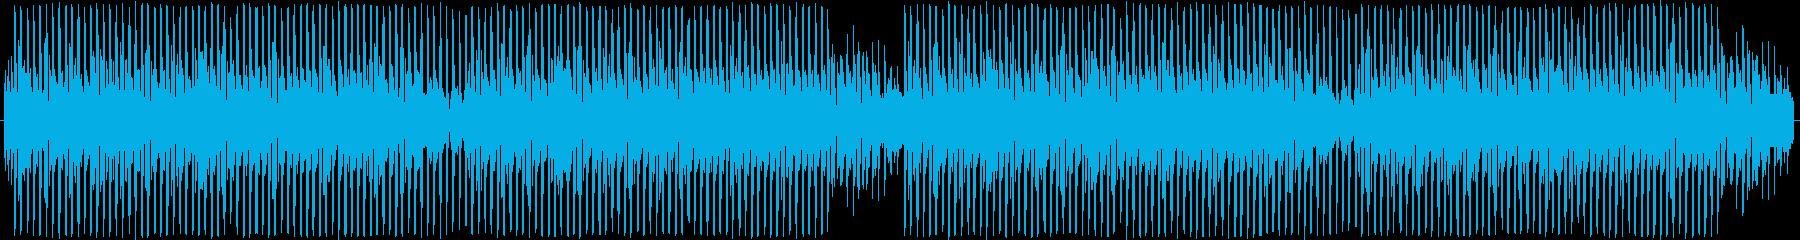 フュージョン、コンフュージョン、シ...の再生済みの波形